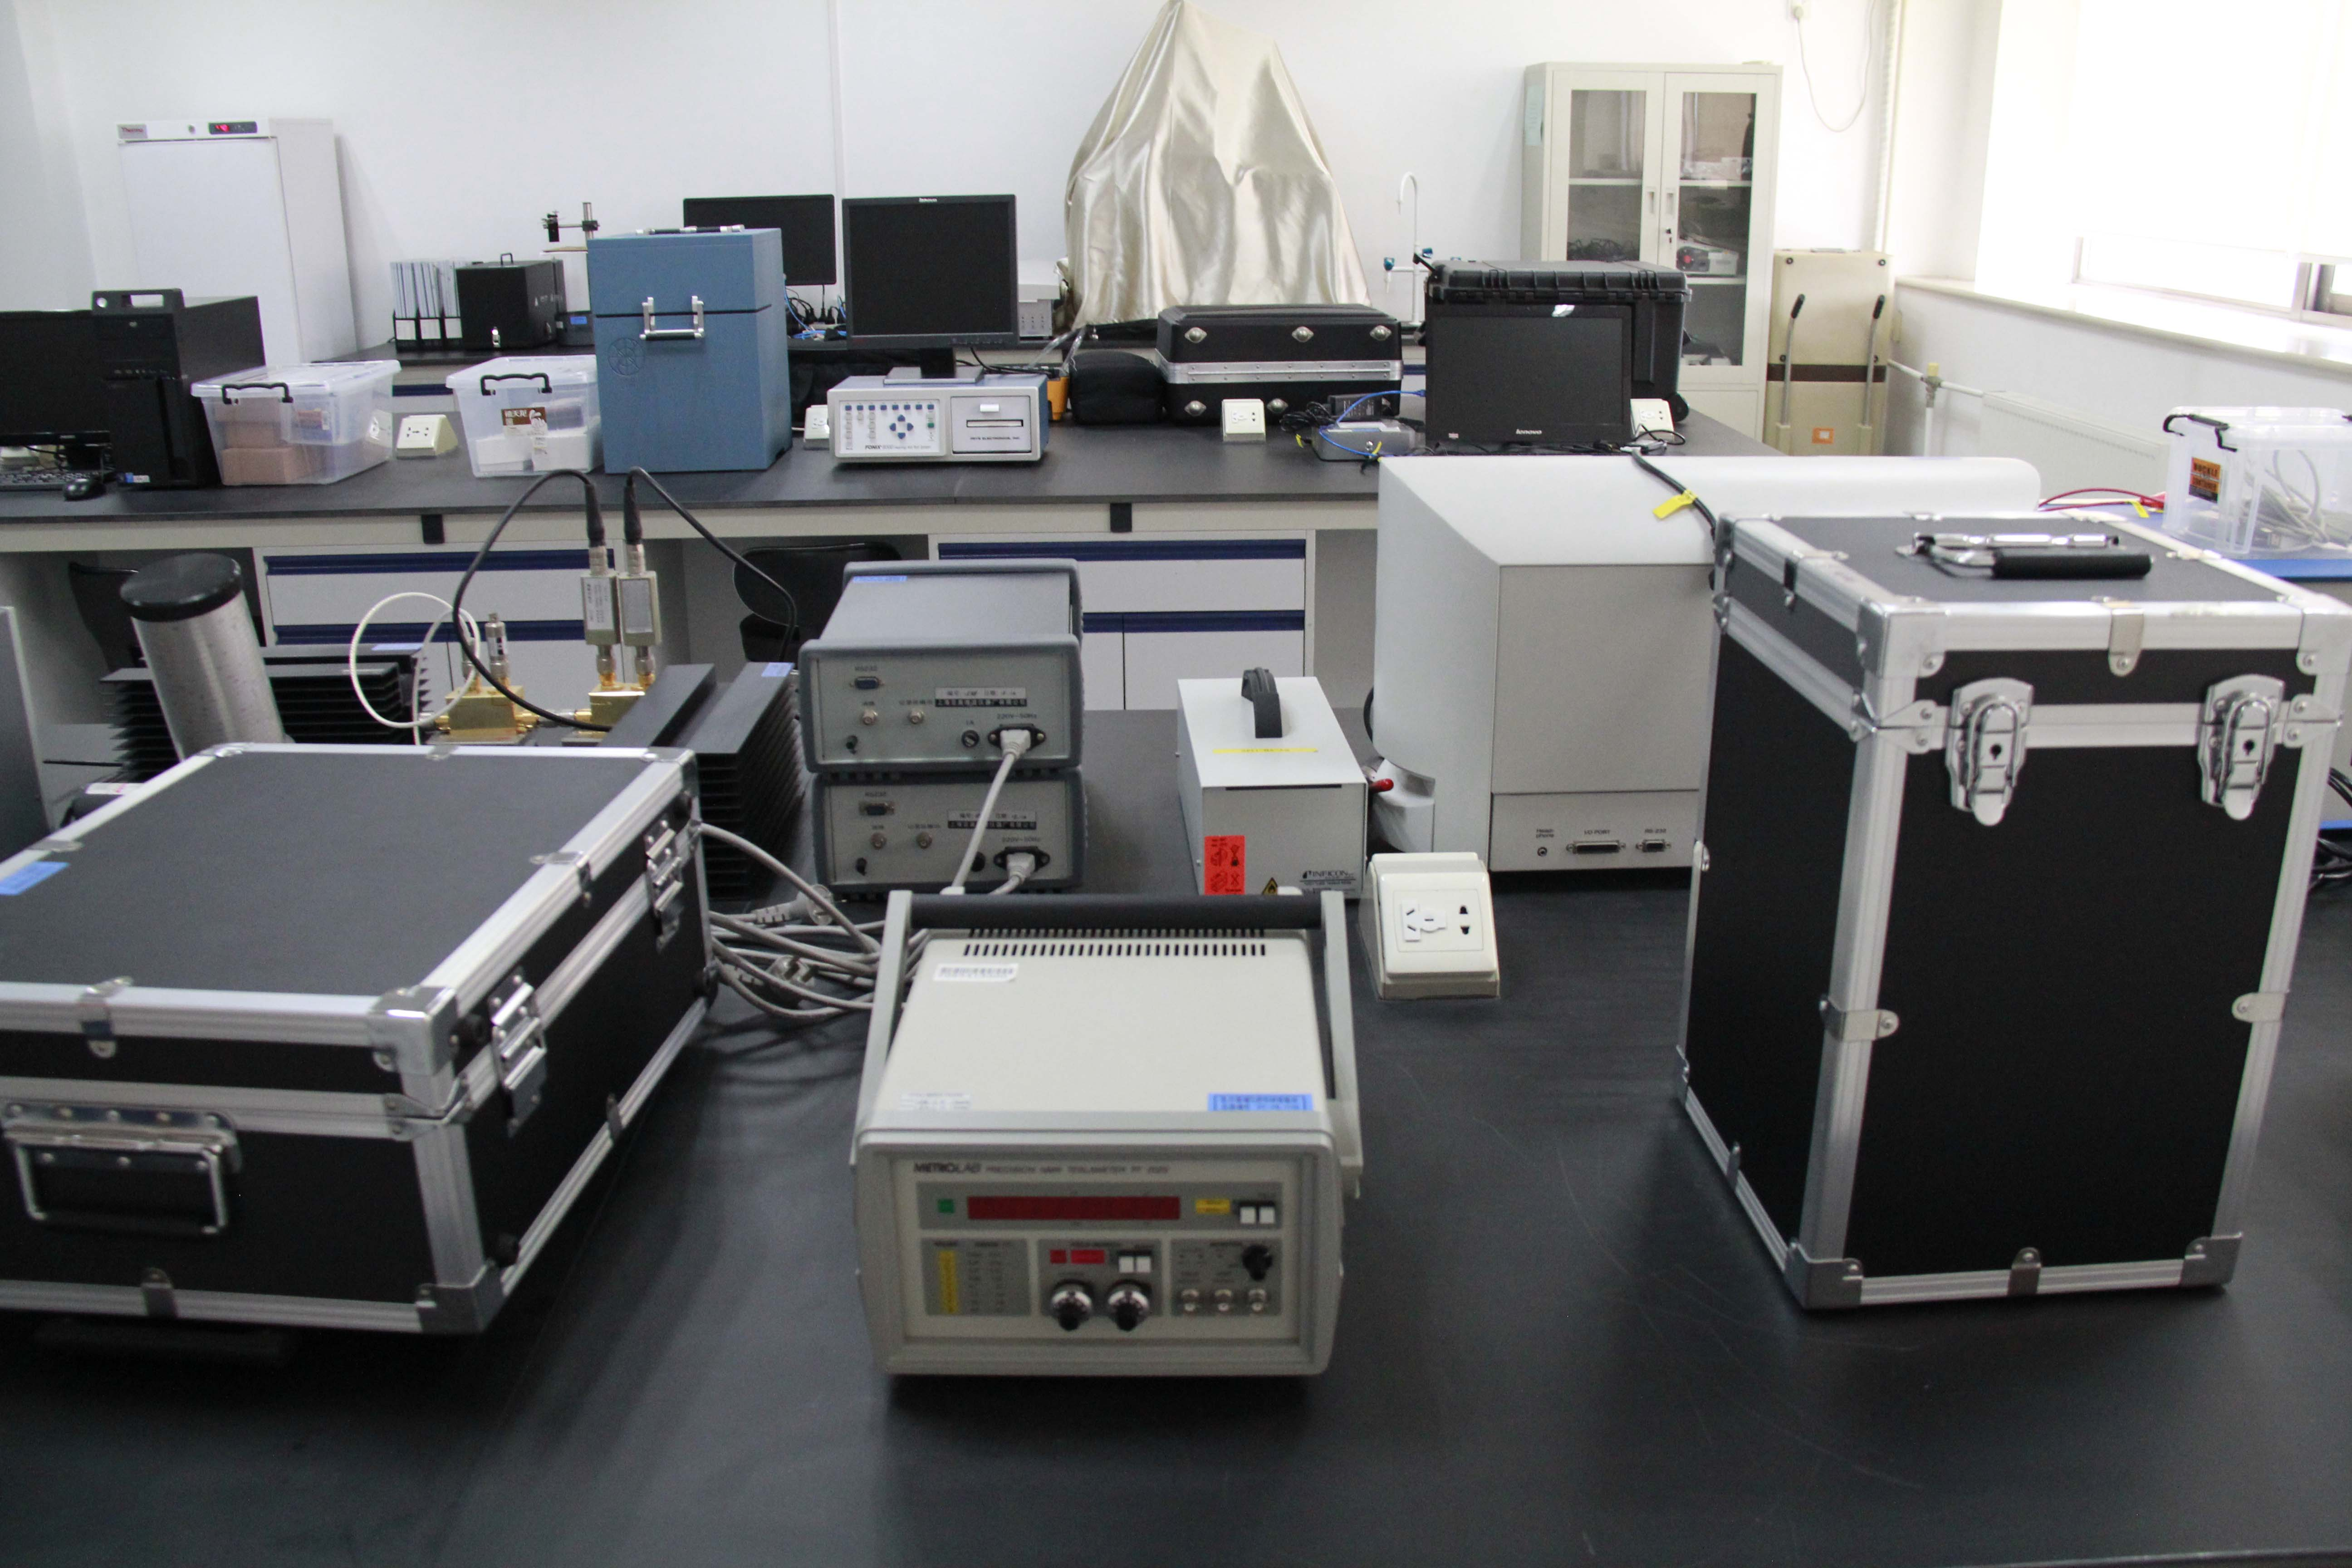 磁场均匀性检测仪检测仪